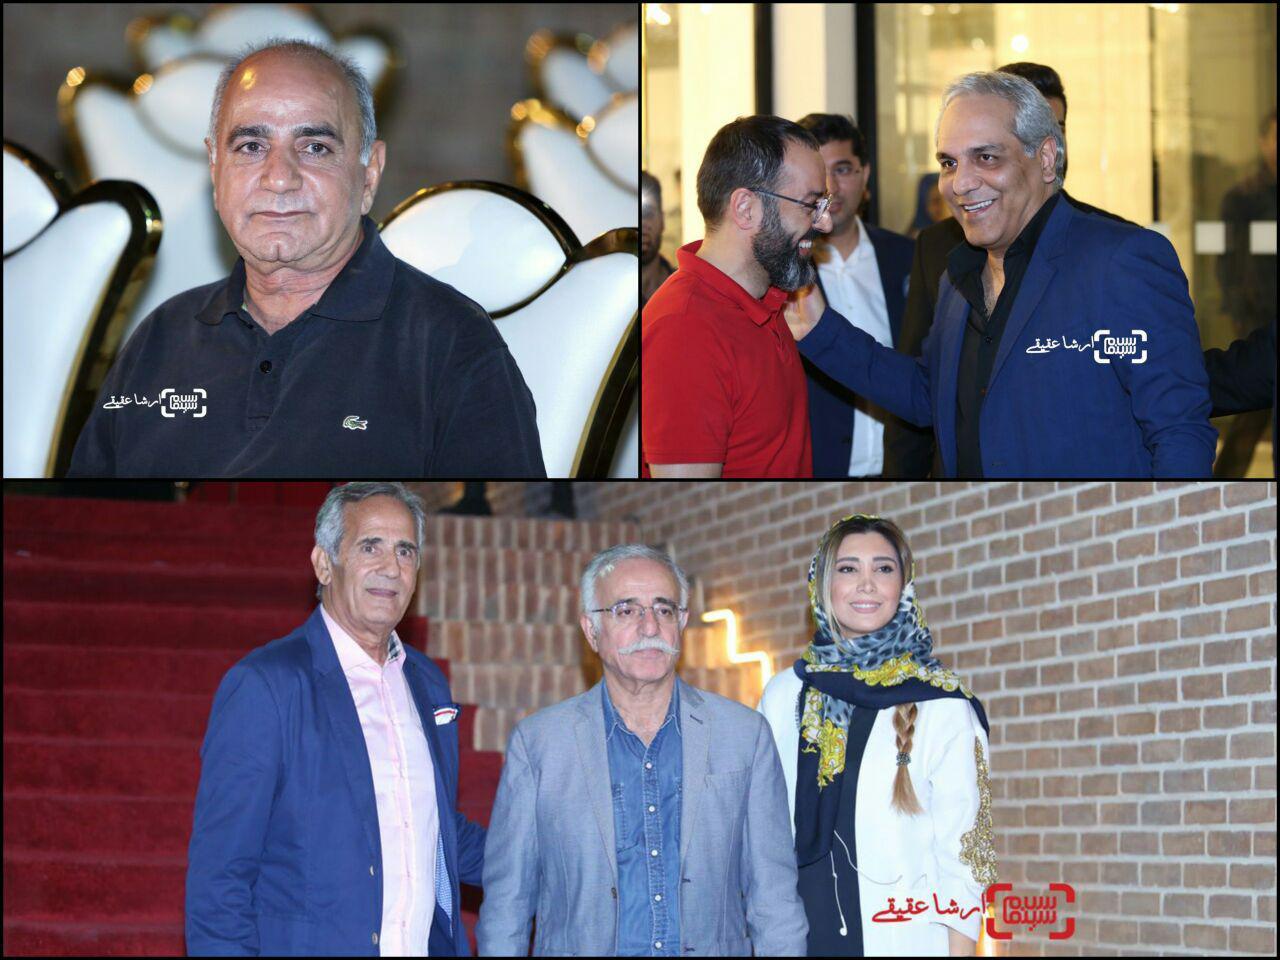 افتتاحیه آمفی کافه با مدیریت مجید مظفری/ گزارش تصویری